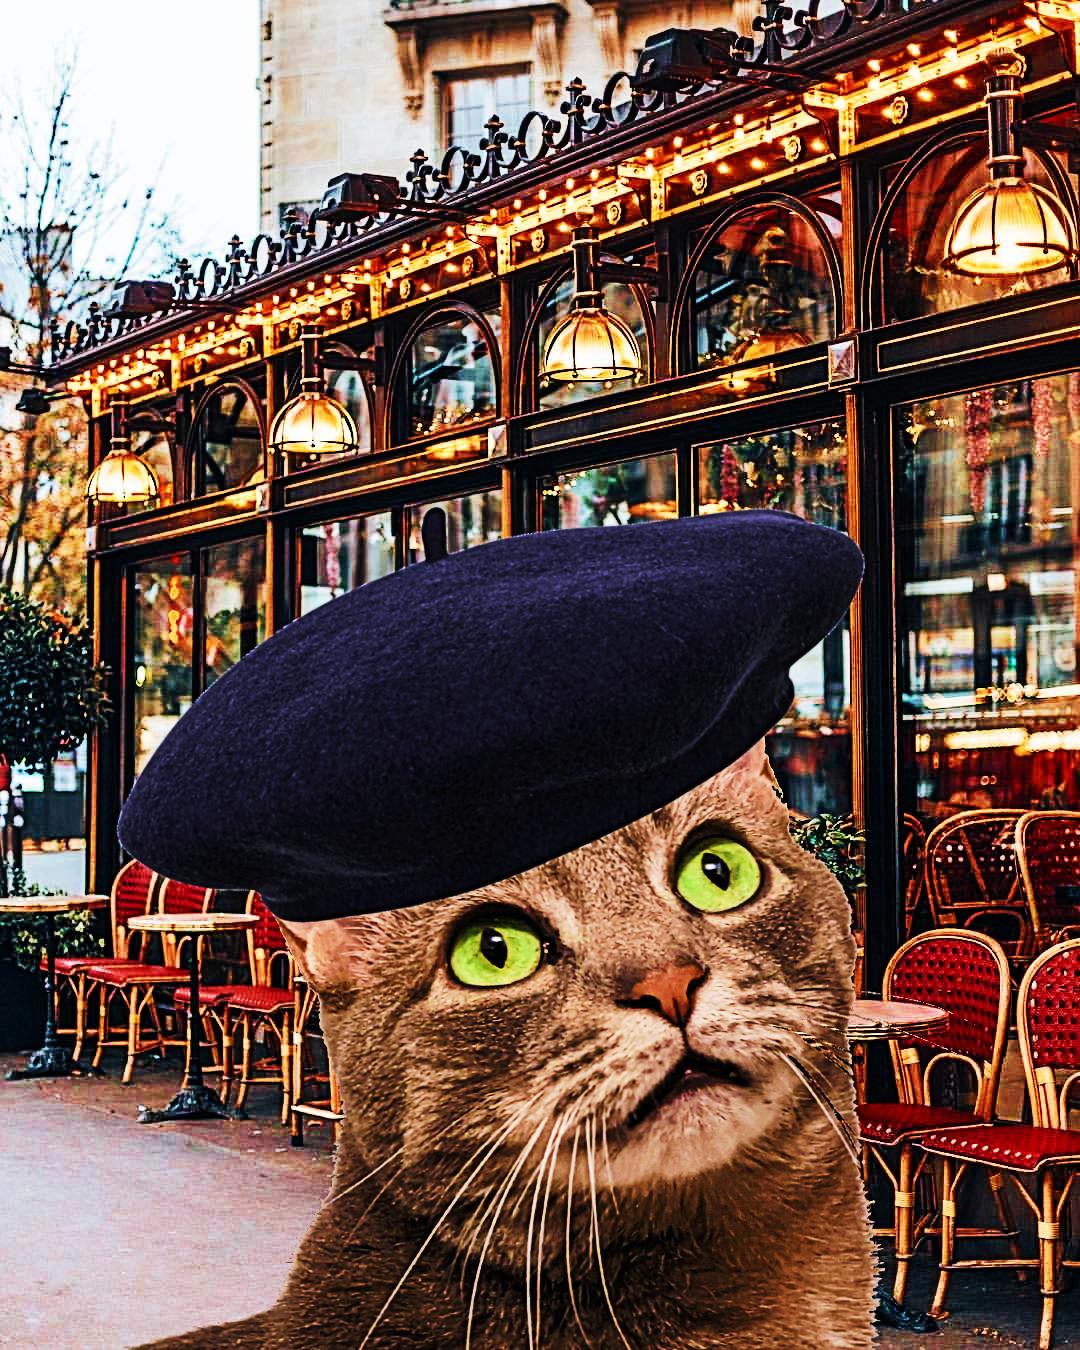 parisiancafe2